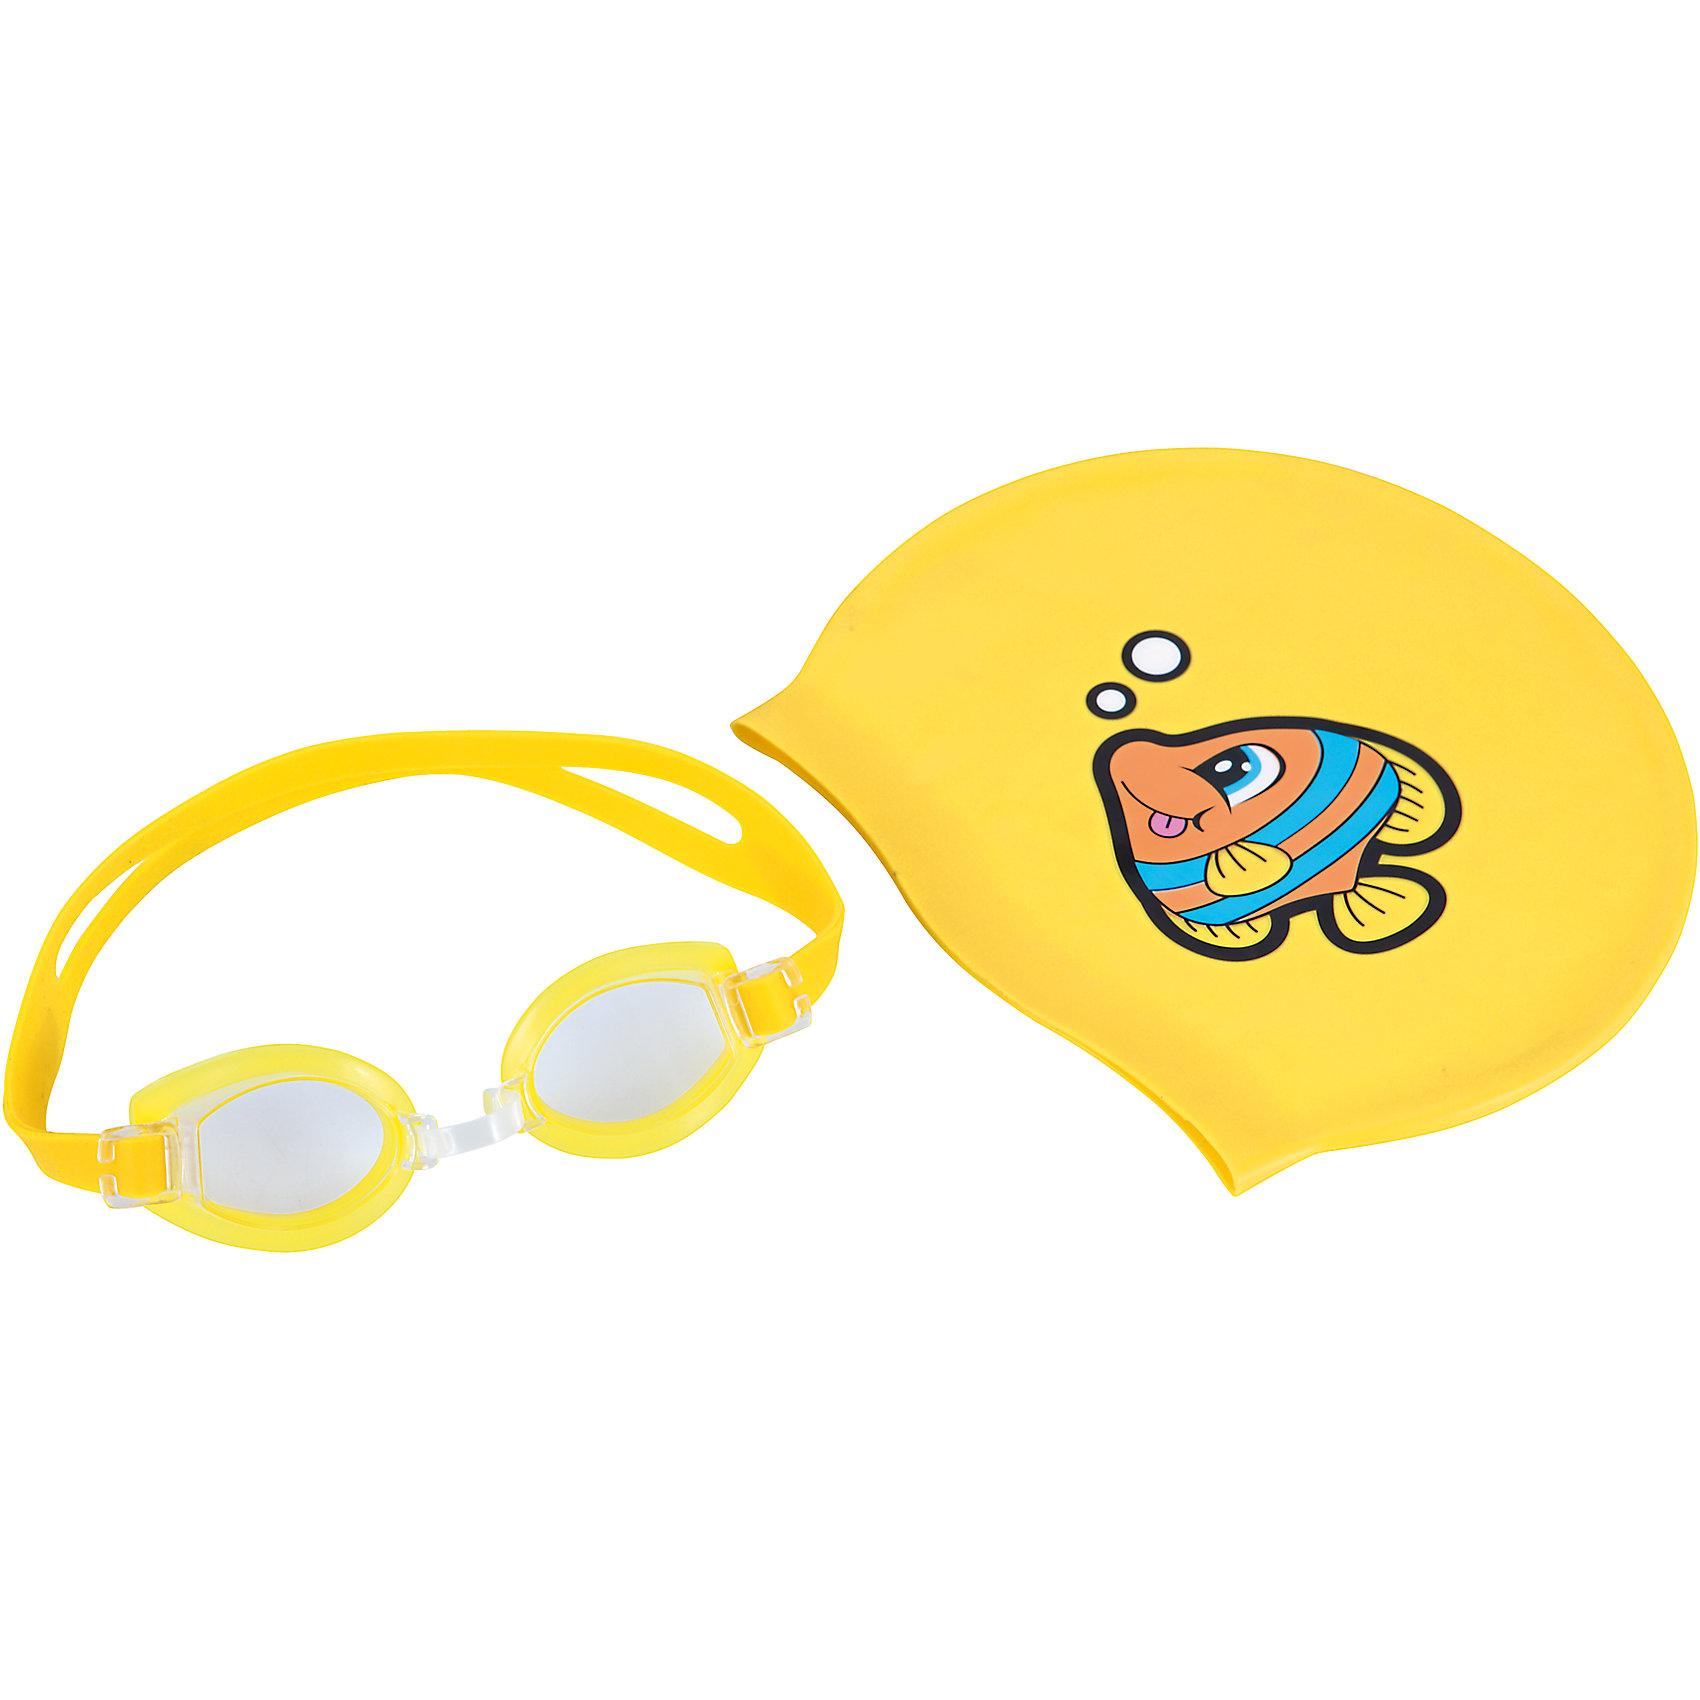 Набор для плавания, Bestway, желтыйНабор для плавания  Bestway - прекрасный вариант для активного и веселого пляжного отдыха.<br>Очки и шапочка для плавания выполнены в одной яркой цветовой гамме. Очки оснащены линзами со специальным покрытием для предотвращения запотевания. Мягкая хорошо прилегающая переносица обеспечит удобство и комфорт во время плавания. Силиконовый ремешок, обхватывающий голову, регулируется до нужного размера. Шапочка поможет сохранить волосы сухими и избежать попадания воды в уши. Изготовлена из прочного качественного материала и плотно облегает голову. Комплект упакован в удобный прозрачный чехол. -  Набор для плавания Bestway можно купить в нашем интернет-магазине.<br><br>В комплект входят:<br>- очки для плавания<br>- шапочка<br><br>Дополнительная информация:<br>- Материал: пластик, силикон<br>- Размер упаковки: 18 х 7 х 4 см<br>- Вес: 80 г<br>- Цвет: жёлтый<br>- Возраст: для детей от 7 лет<br>- Бренд: Bestway<br><br>Ширина мм: 180<br>Глубина мм: 70<br>Высота мм: 40<br>Вес г: 80<br>Возраст от месяцев: 84<br>Возраст до месяцев: 144<br>Пол: Унисекс<br>Возраст: Детский<br>SKU: 4828538